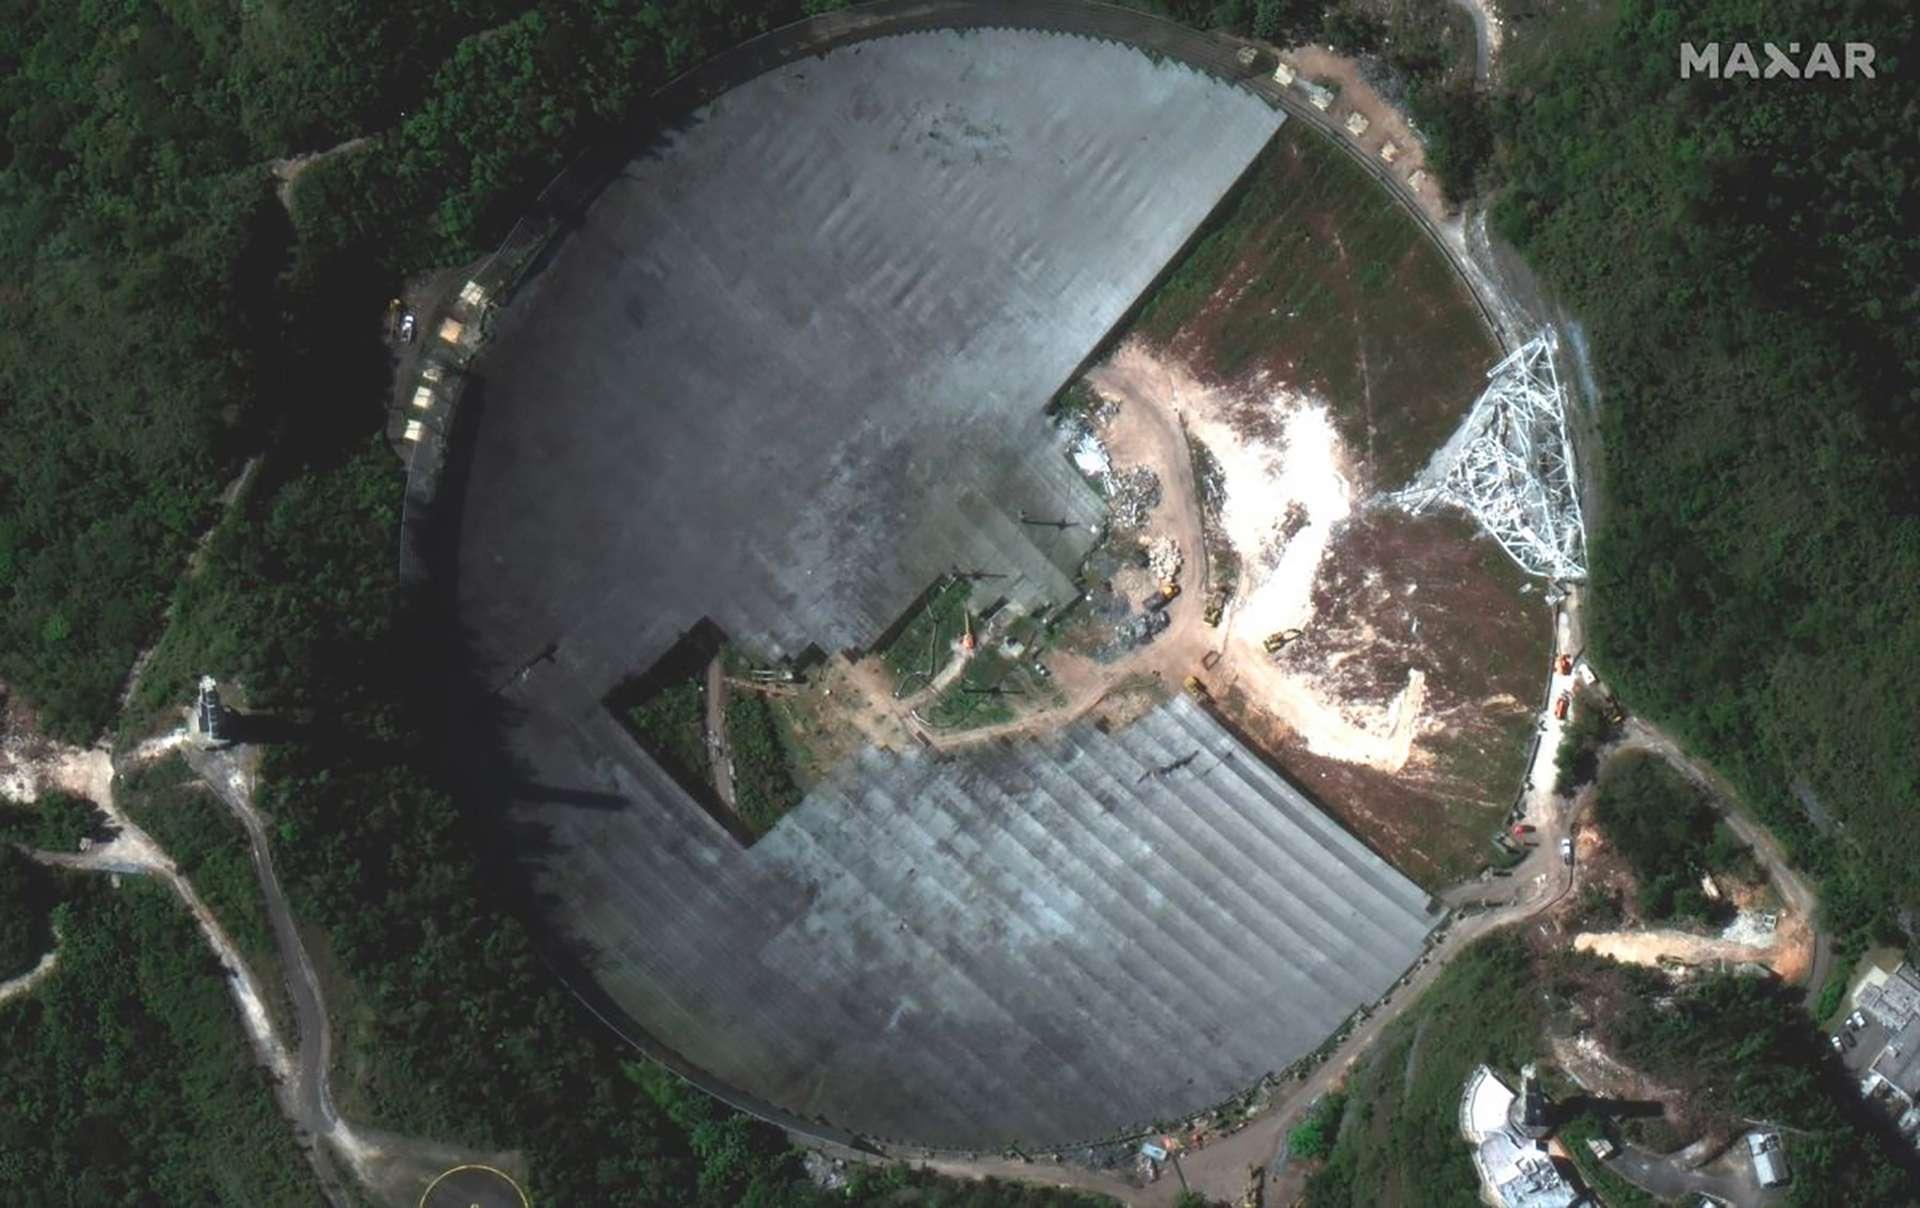 Le radiotélescope d'Arecibo en cours de démontage observé par un satellite Worldview de Maxar. L'image a été acquise le 23 février 2021. © Maxar